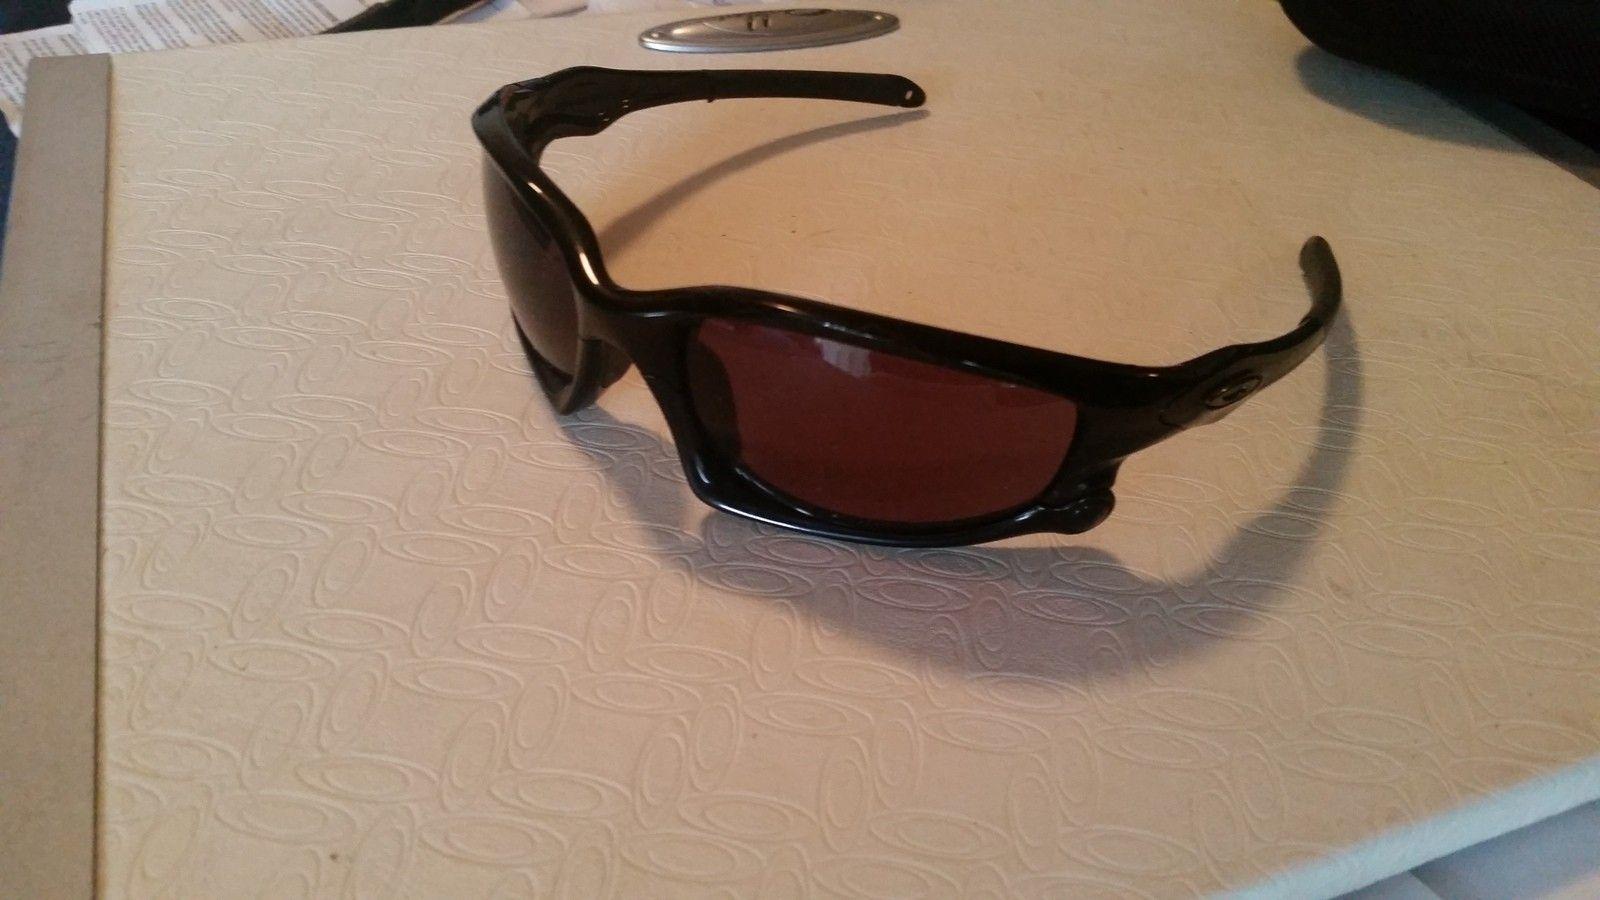 Black Split jacket frame & gray lenses - uploadfromtaptalk1439676009800.jpg